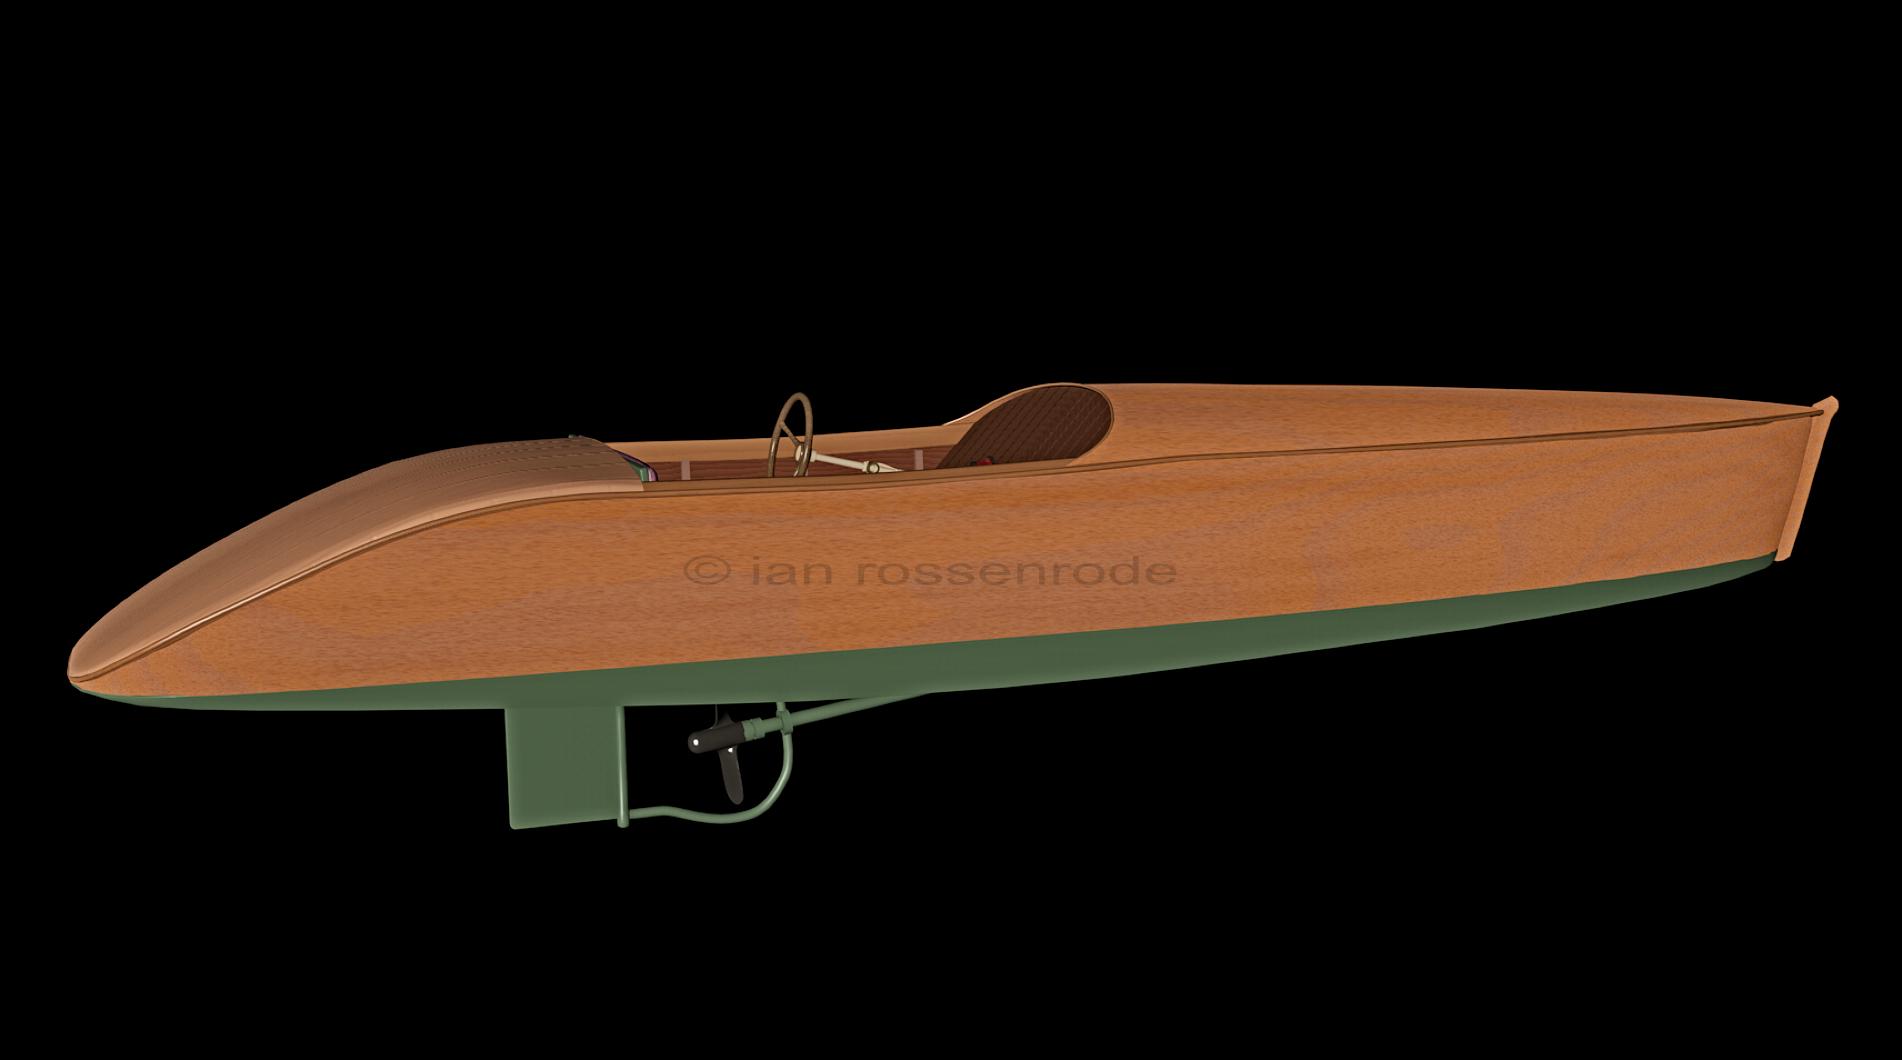 Merk boat 2